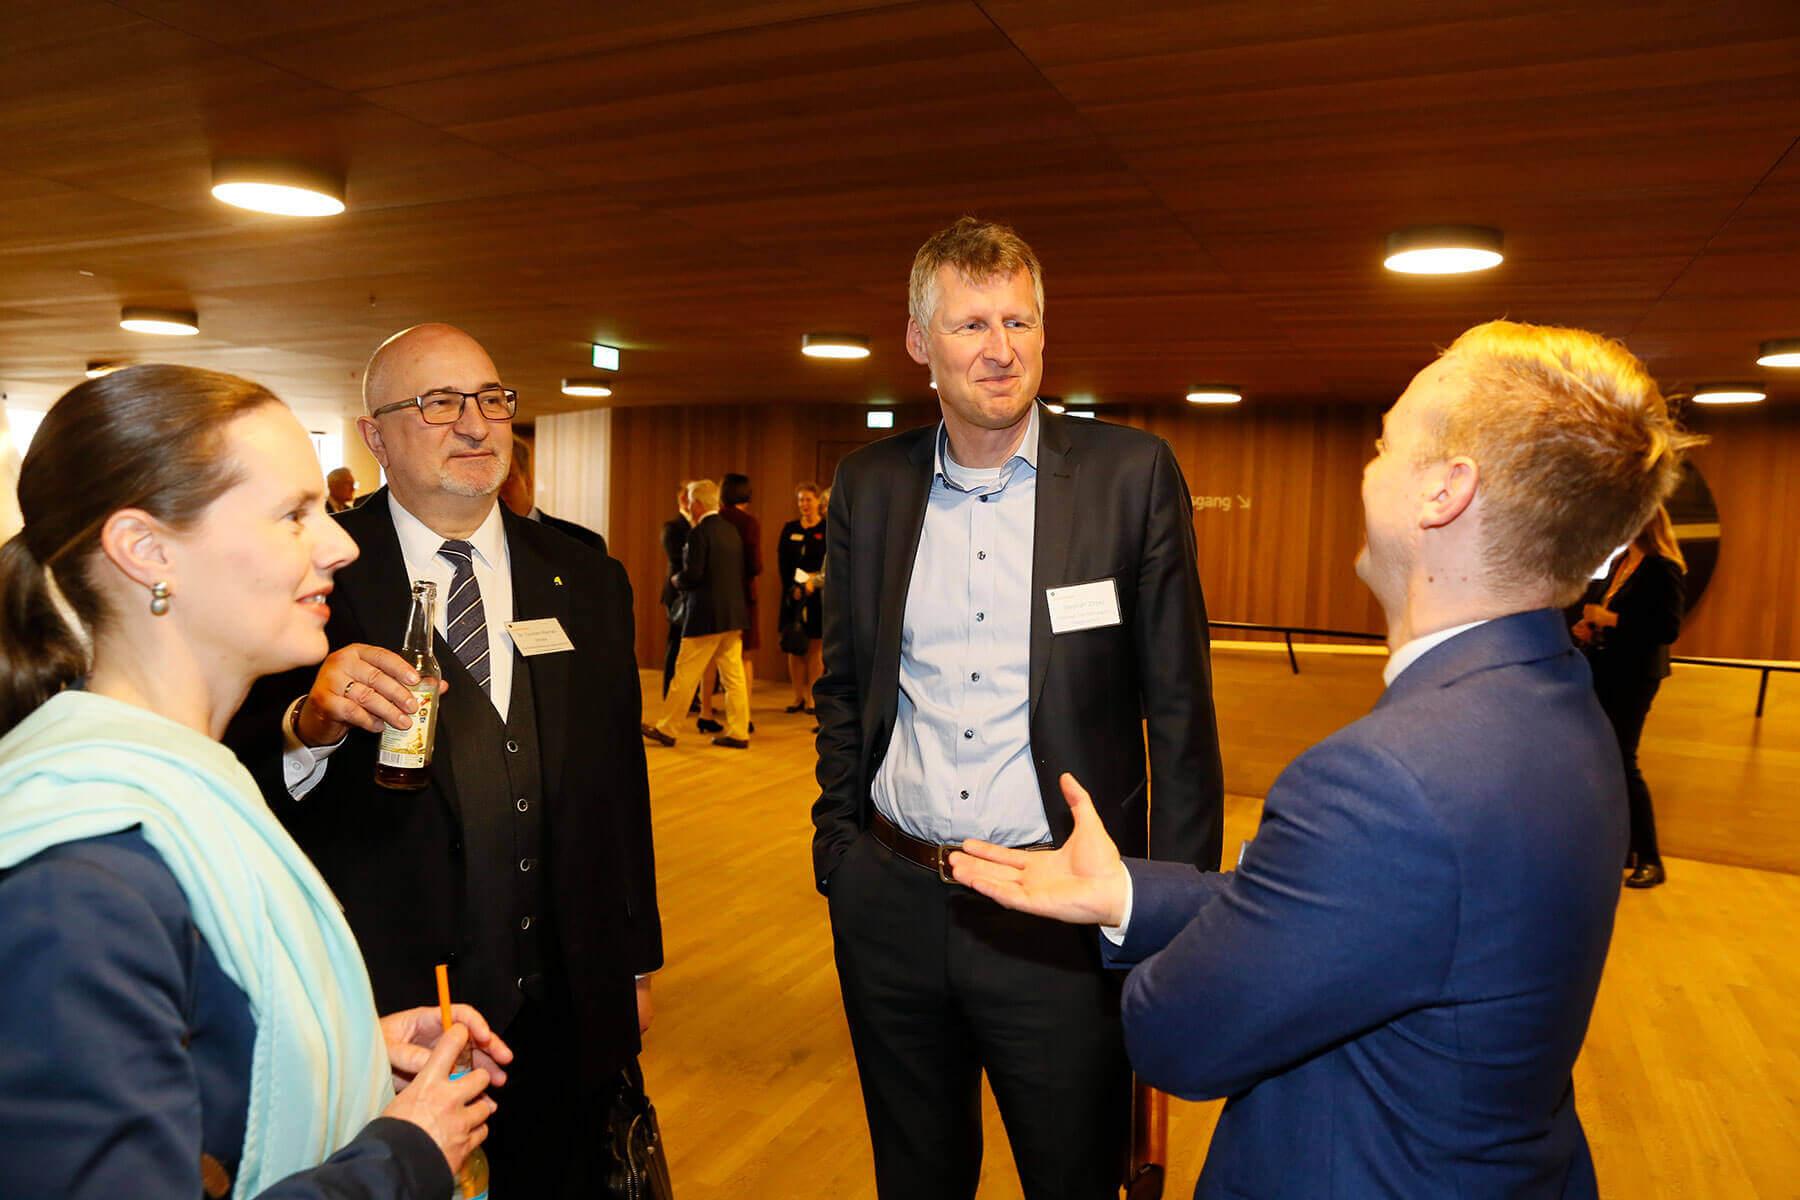 Gesprächsrunde mit Dr. Torsten-Raynal-Ehrke und Michael Krieger auf dem Symposium in Hamburg.